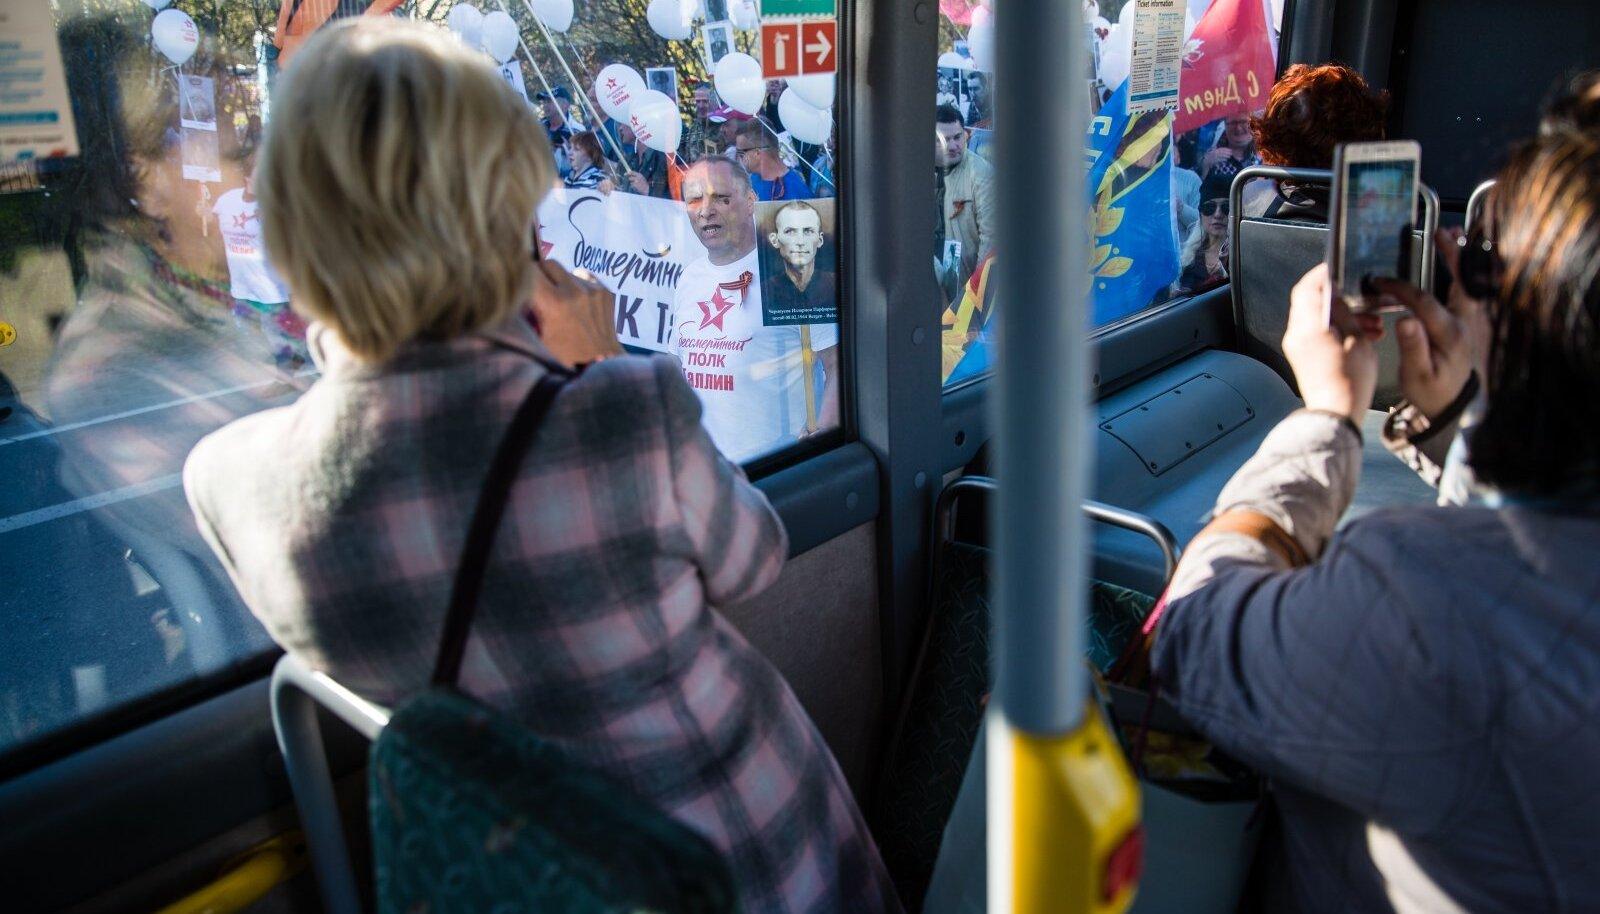 Vaatamata terve okupatsiooniaja kestnud sisseelamisperioodile elavad eesti- ja venekeelsed inimesed meie maal siiski kui eri maailmades.